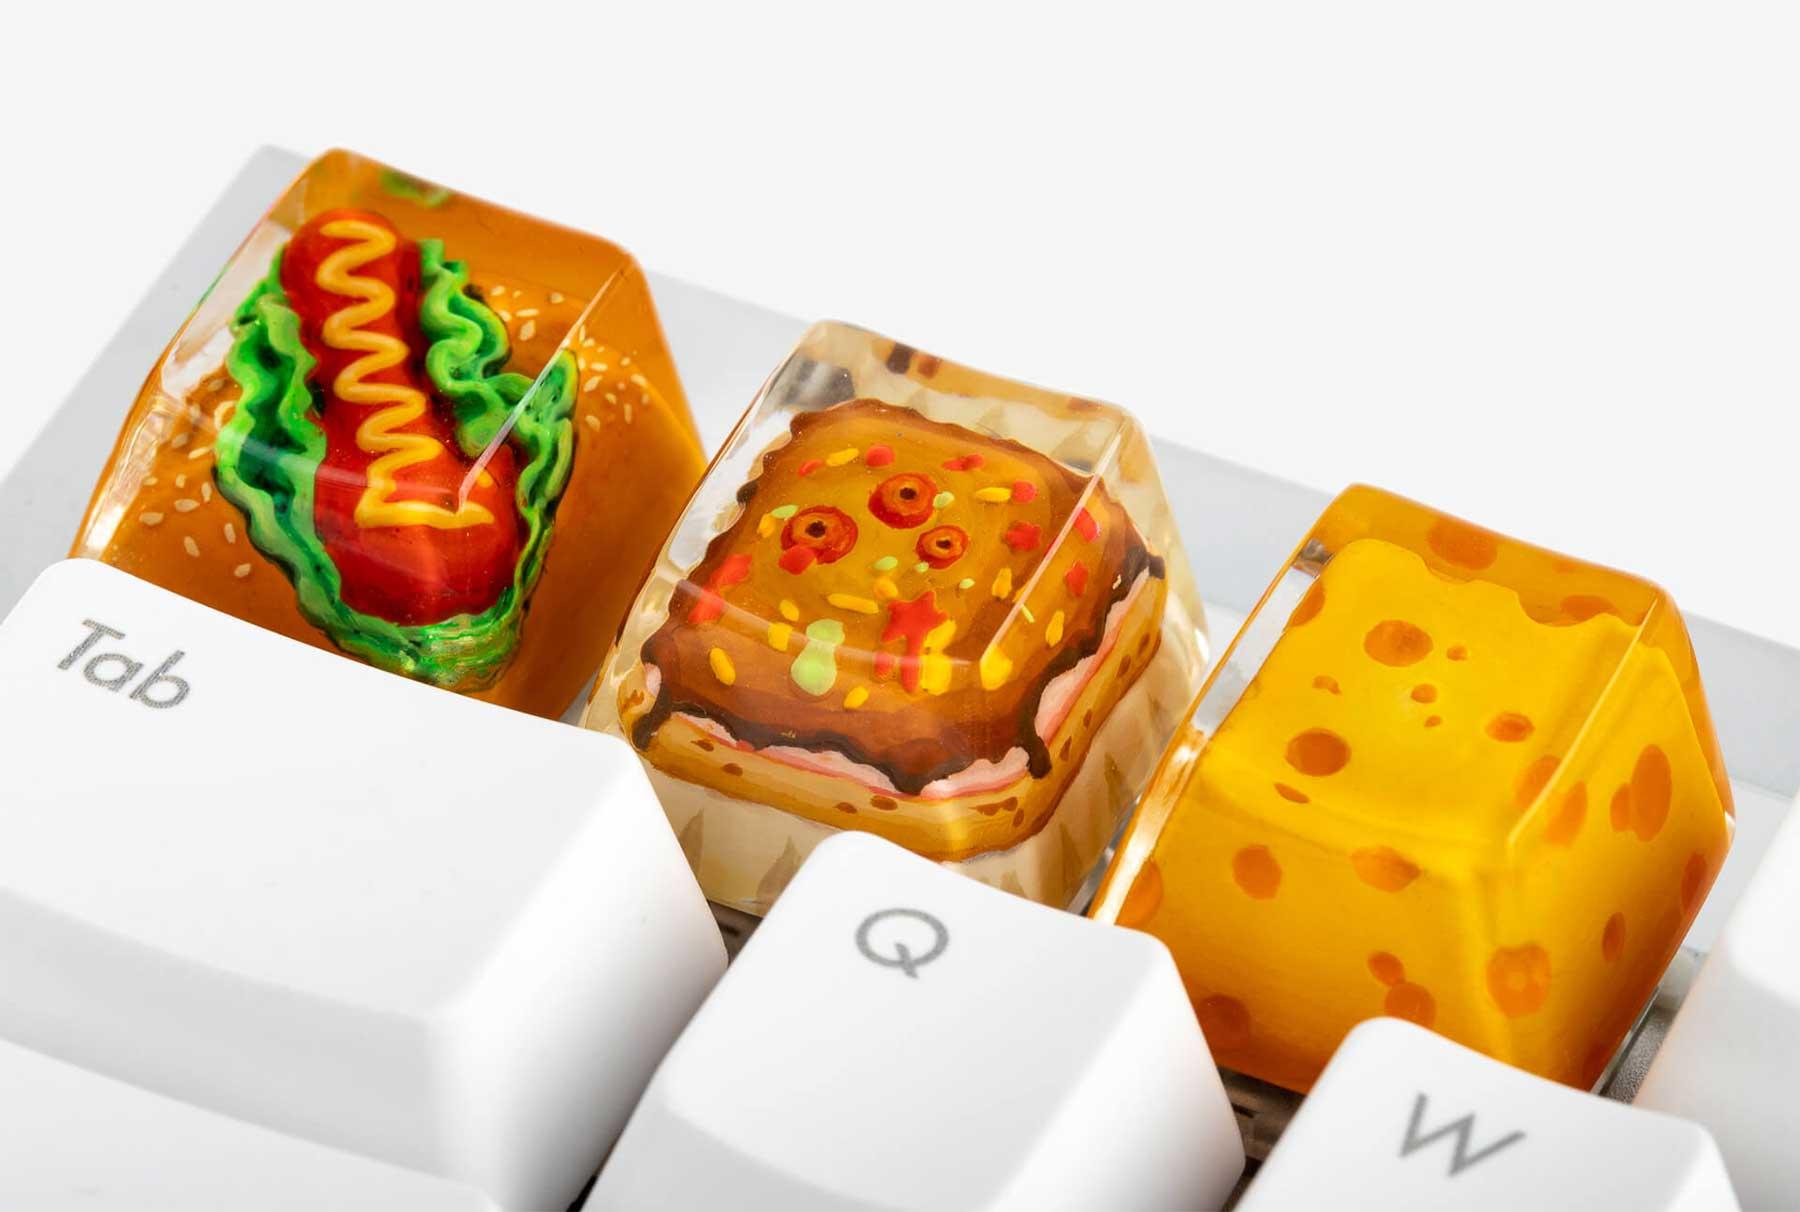 Essens-Tastatur-Tasten foodie-tastaturtasten-keycap_01